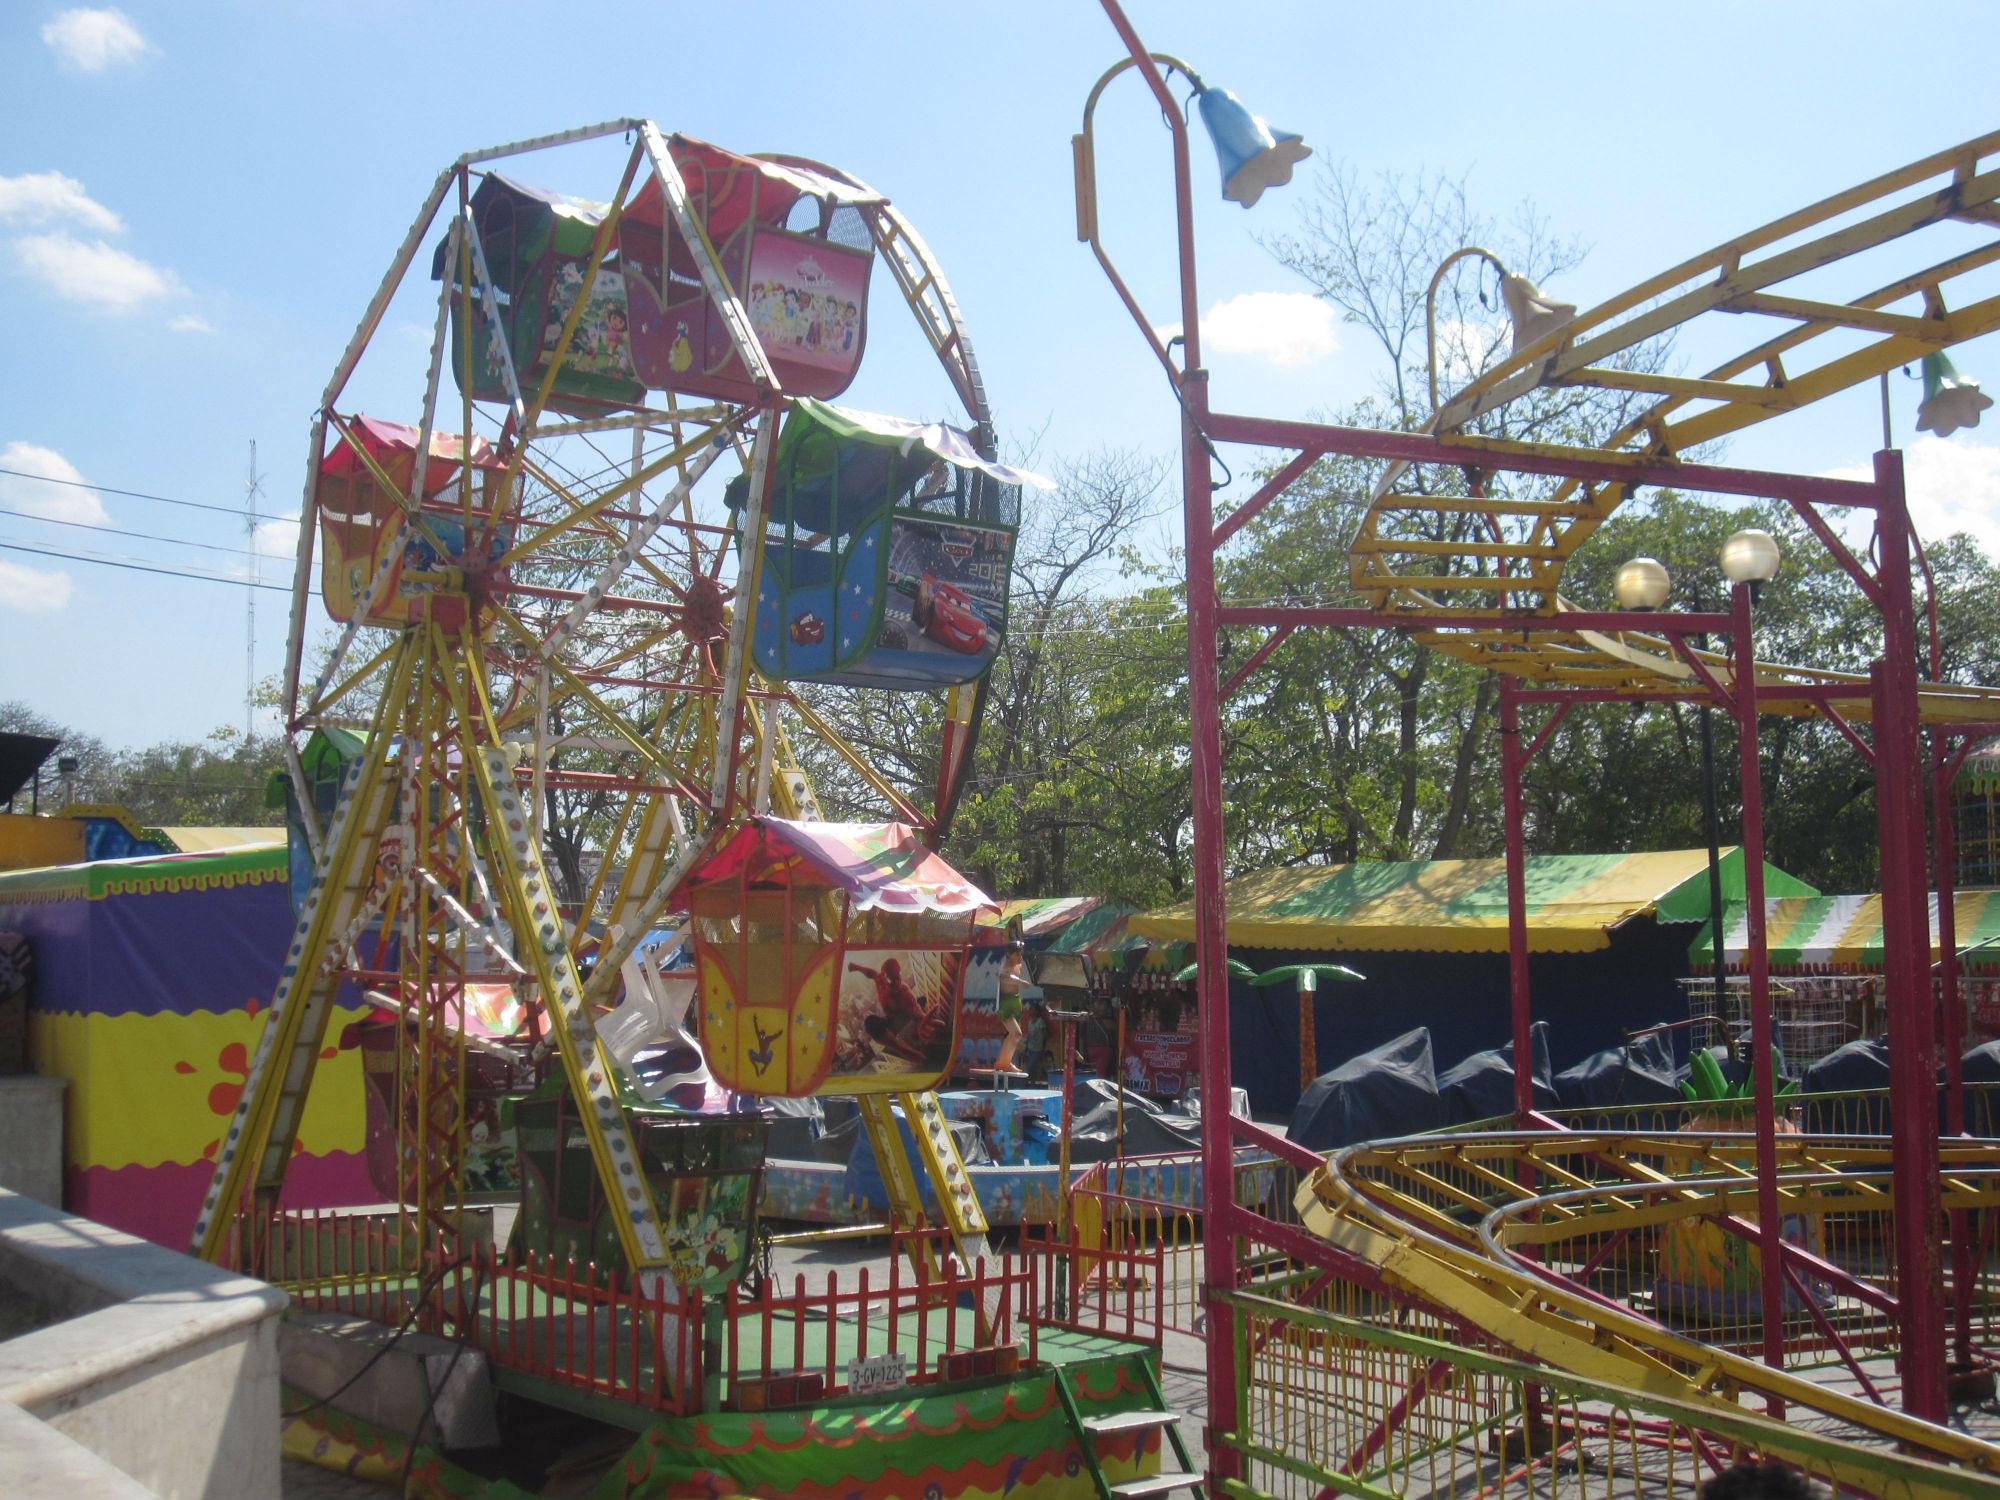 De höll på att bygga upp en liten nöjespark, marknad med stånd och en stor scen på stora torget! They were building up a small amusement park, market stalls and a big scene in the main square!